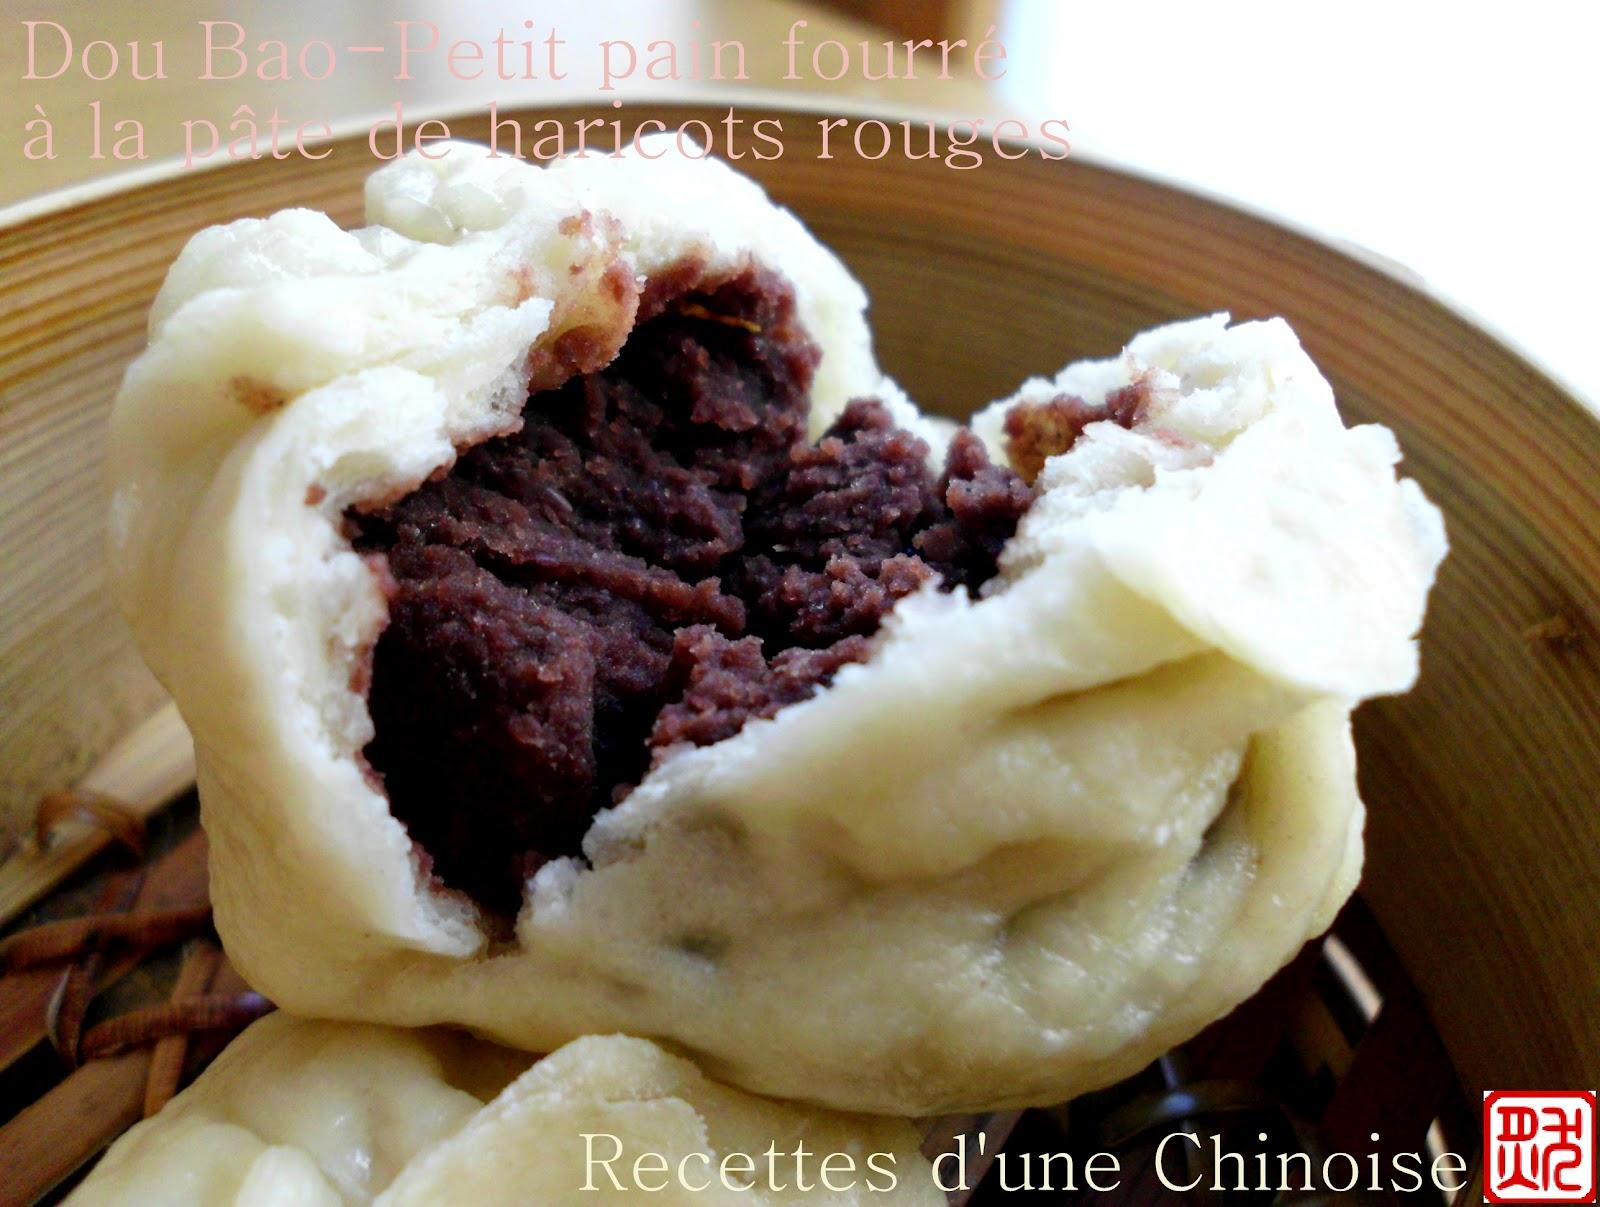 recettes d 39 une chinoise doubao petits pains la vapeur la p te de haricots rouges d u b o. Black Bedroom Furniture Sets. Home Design Ideas